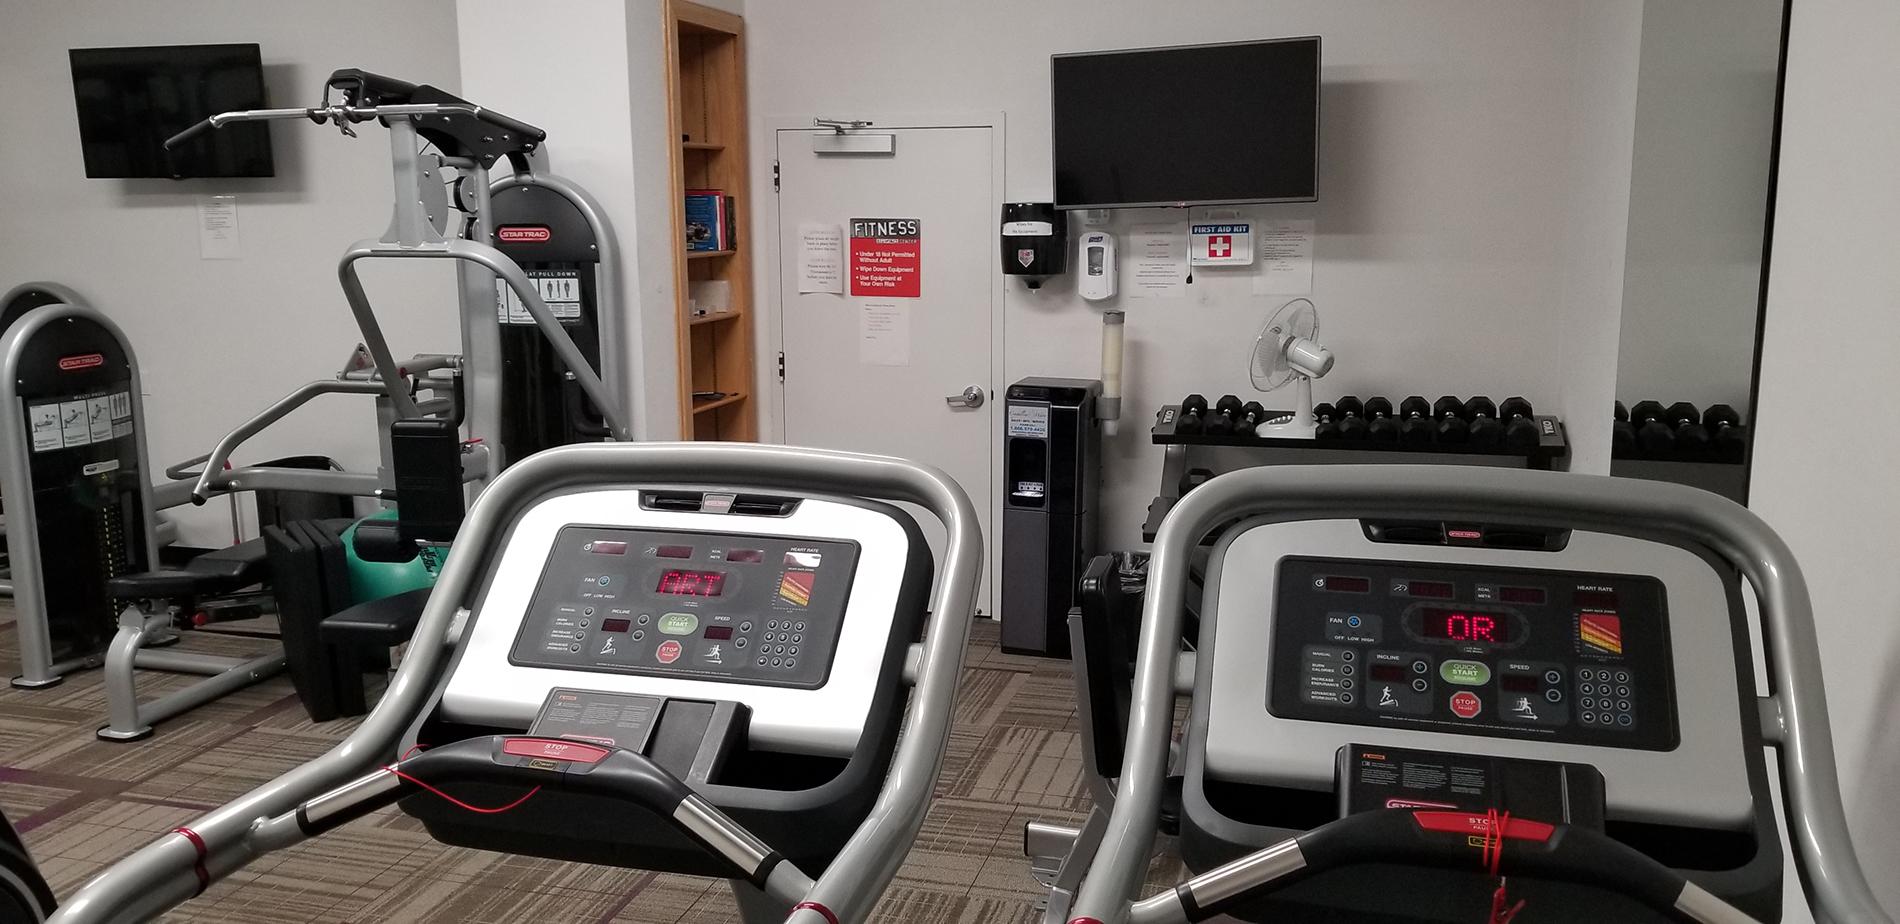 The Brighton Condominium Gym Treadmills